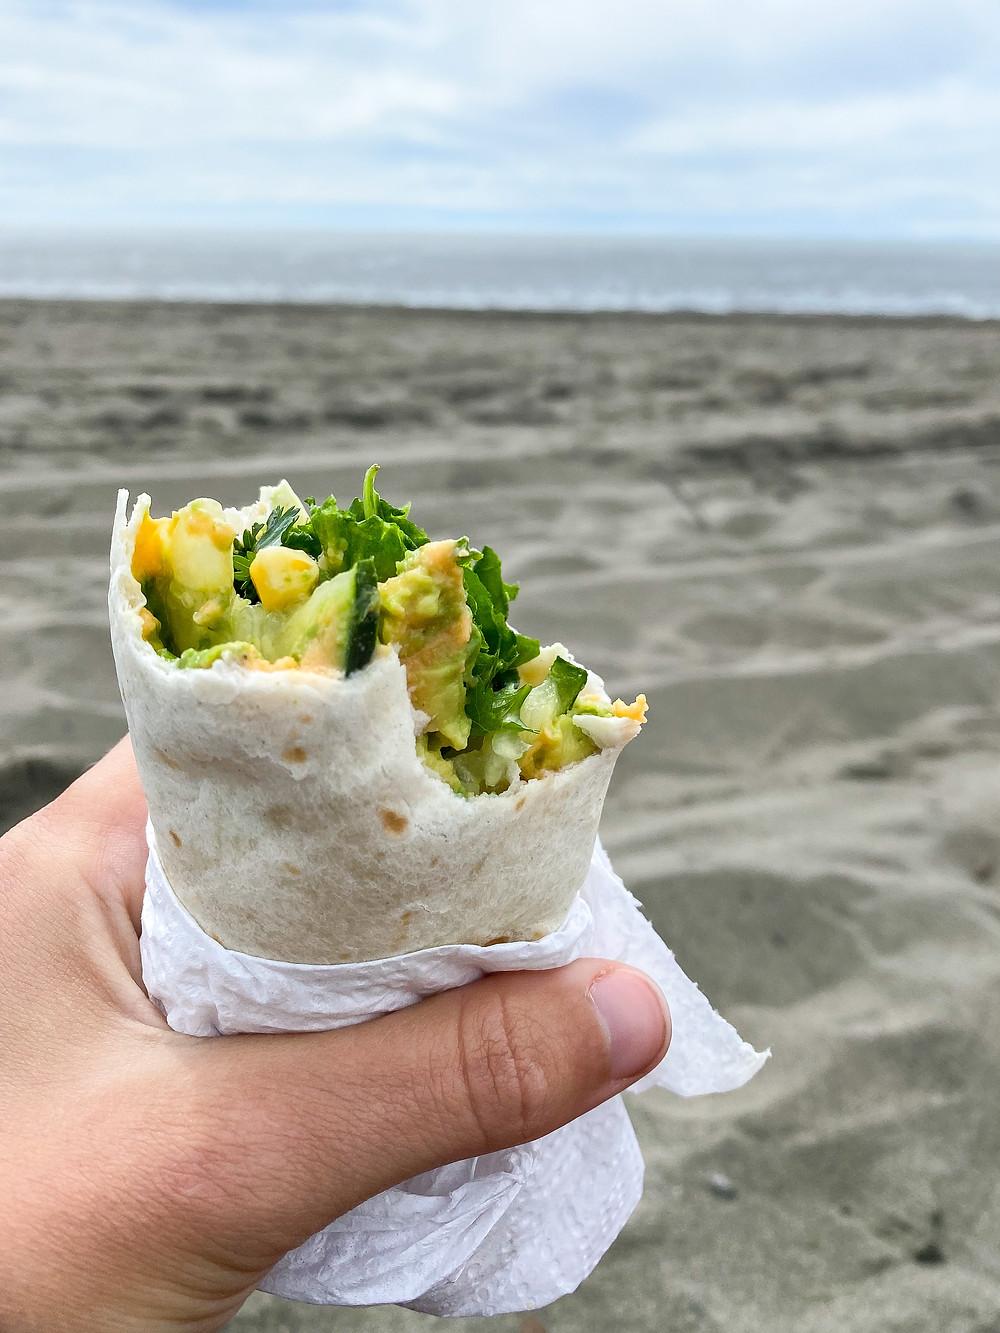 Pantry veggie wraps at the beach